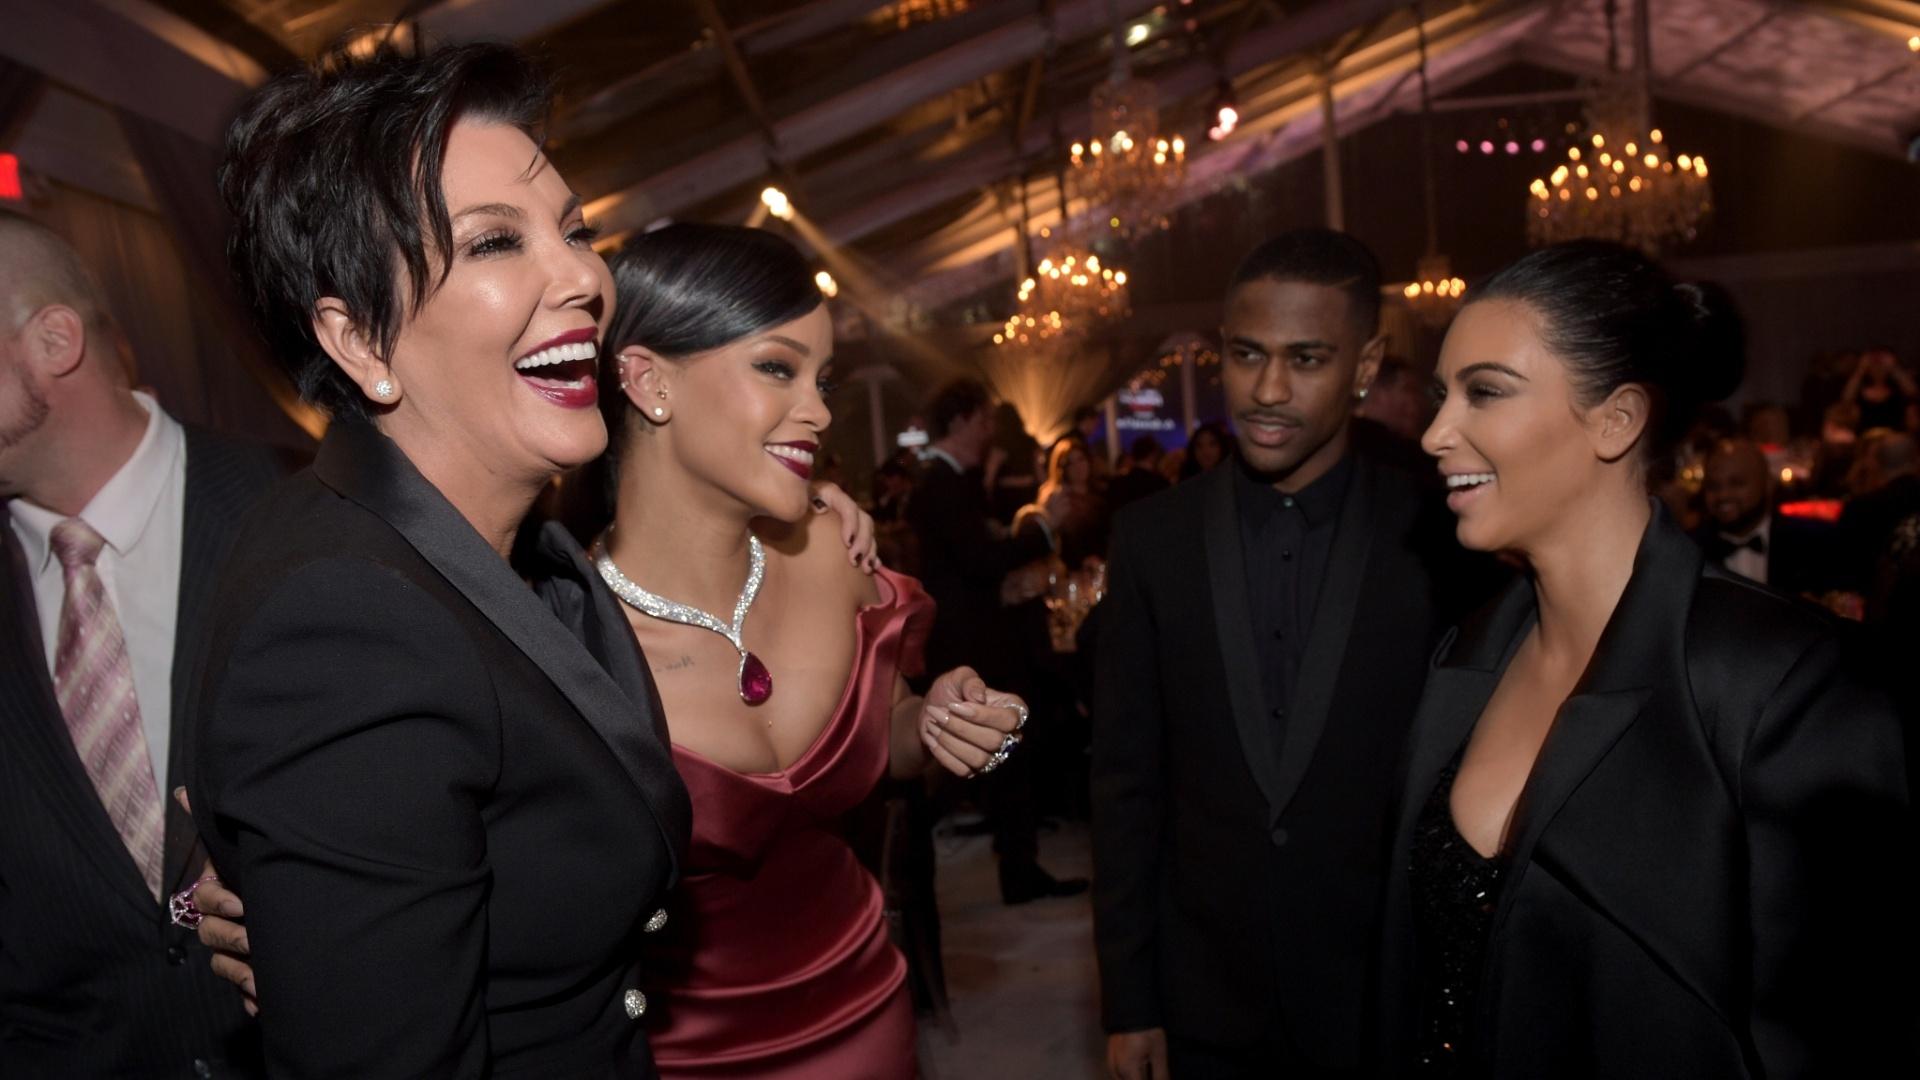 11.dez.2014 - Em clima descontraído, Rihanna conversa com Kim Kardashian e a mãe dela, Kris Jenner, durante primeira edição de seu baile beneficente, o Diamond Ball. O evento aconteceu em Beverly Hills, na Califórnia